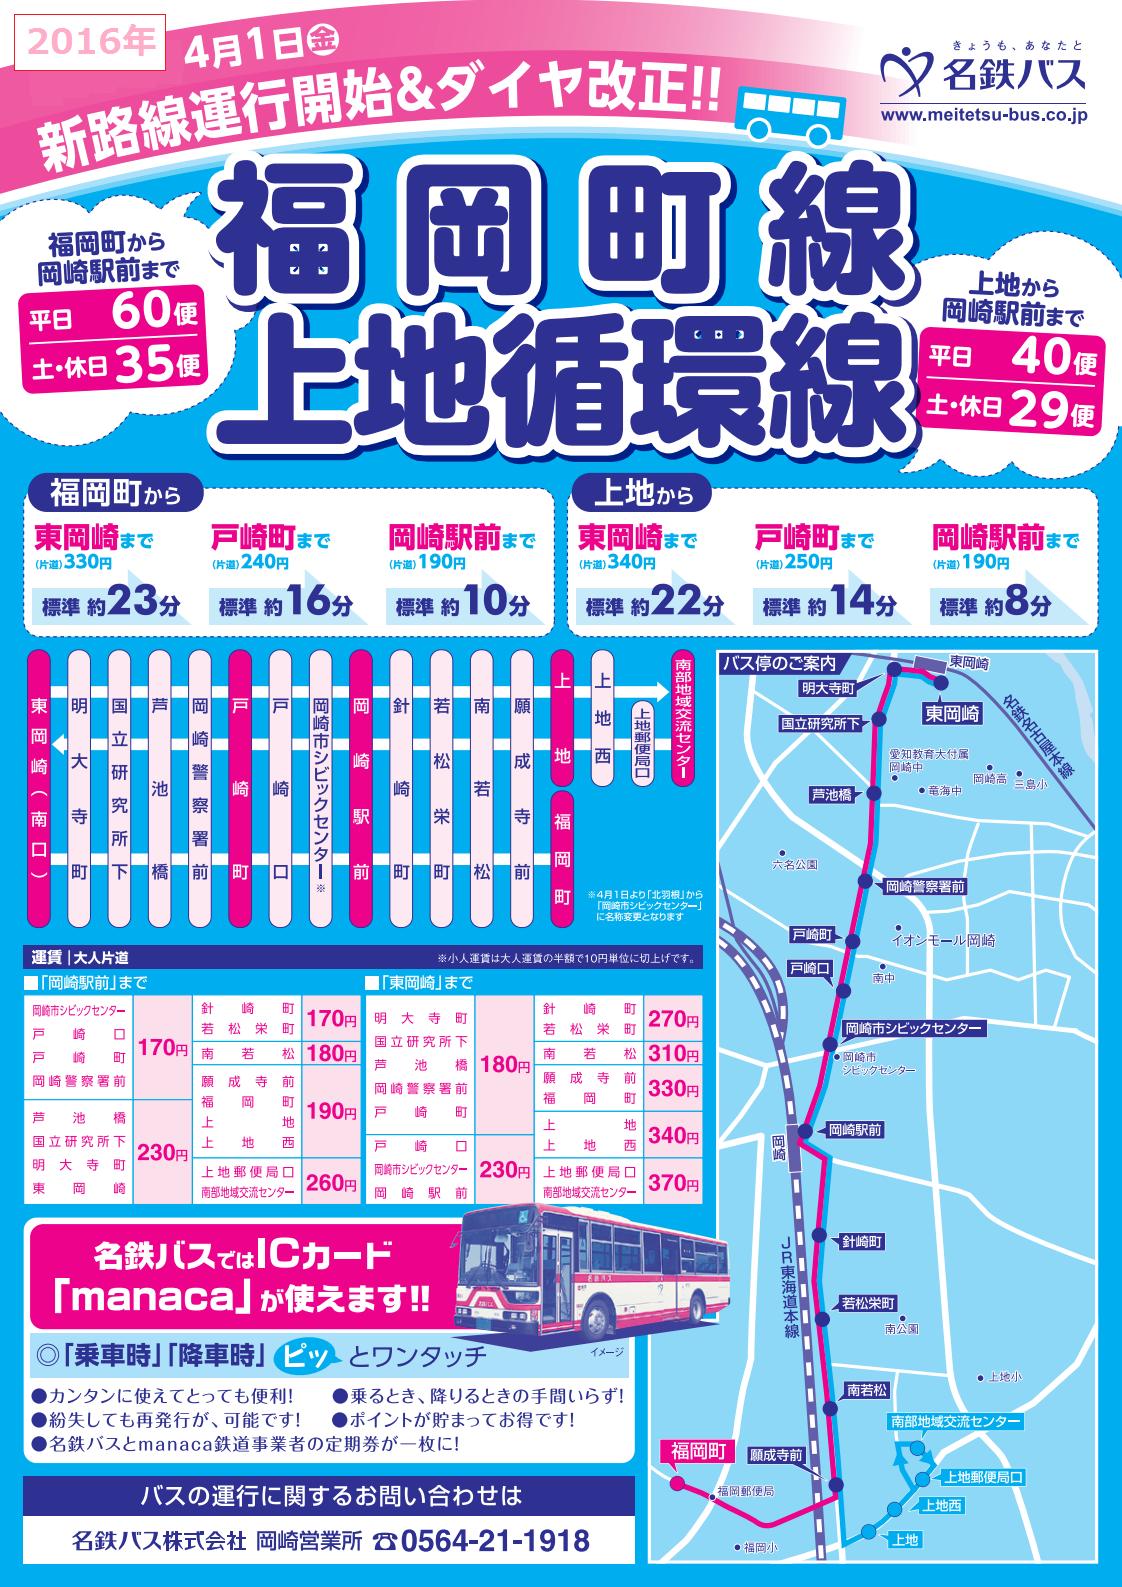 福岡町線と上地循環線運行開始 - 2016.4.1